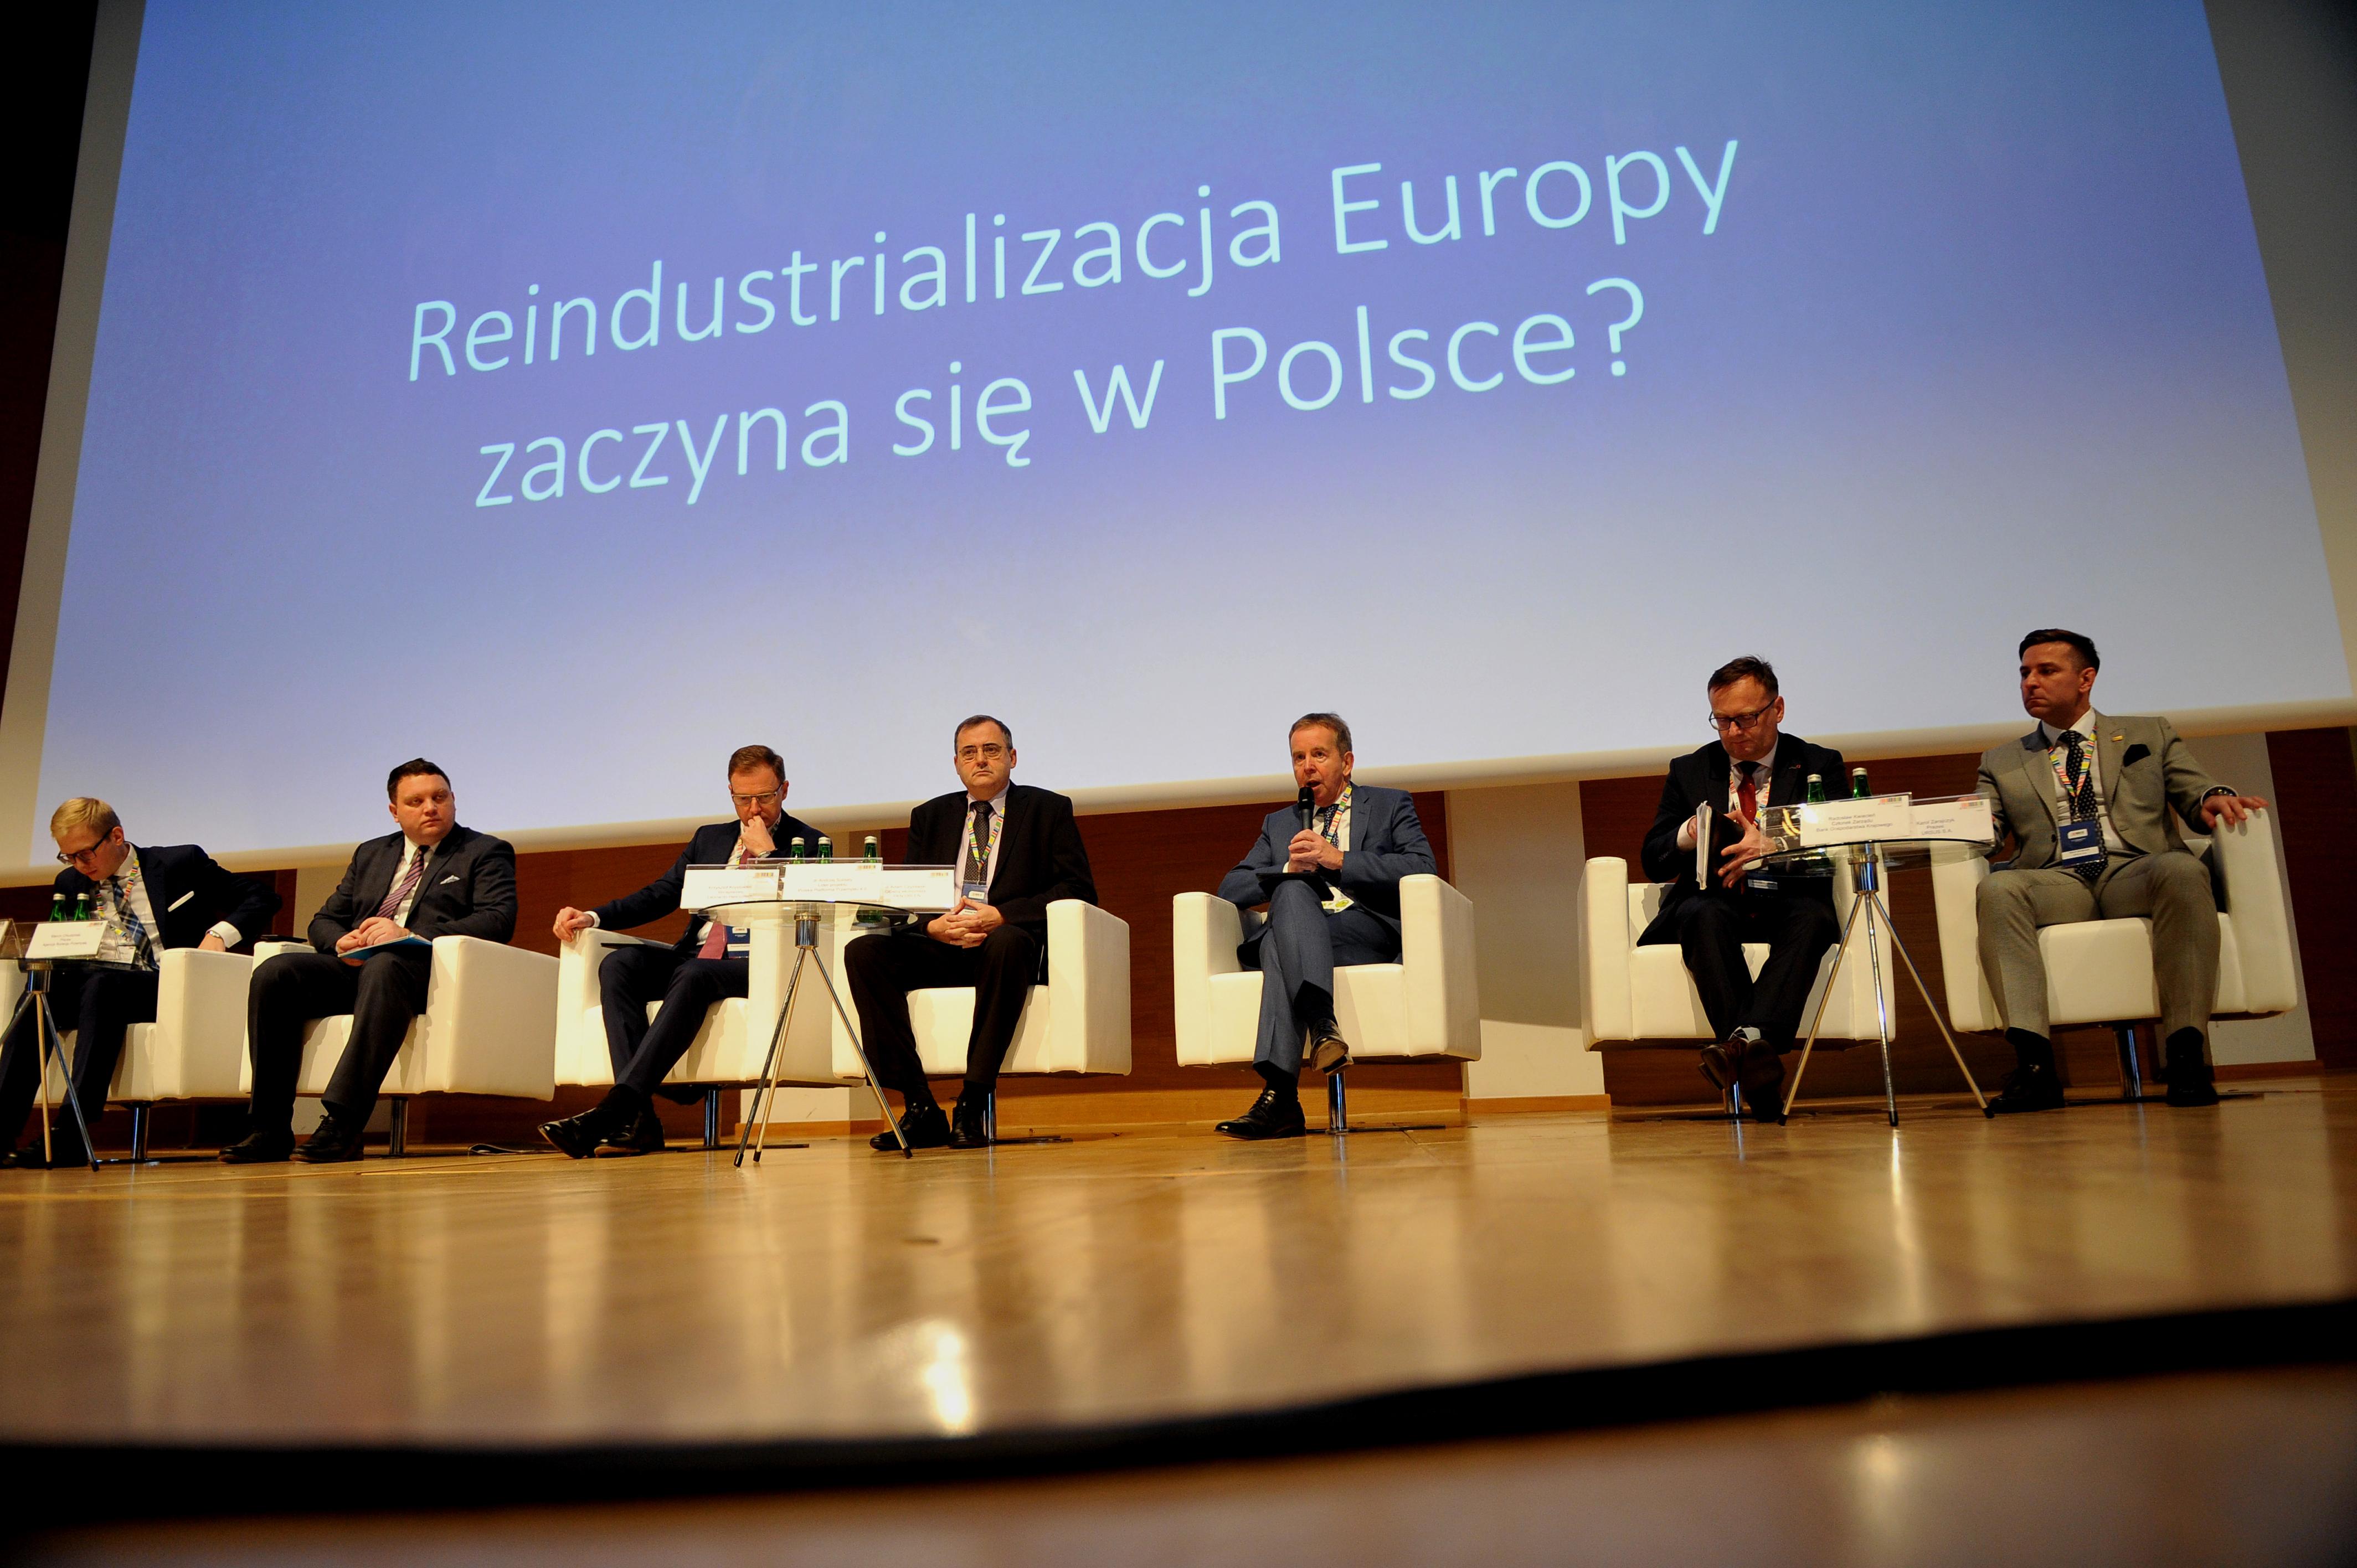 Kongres 590 - Reindustrializacja Europy